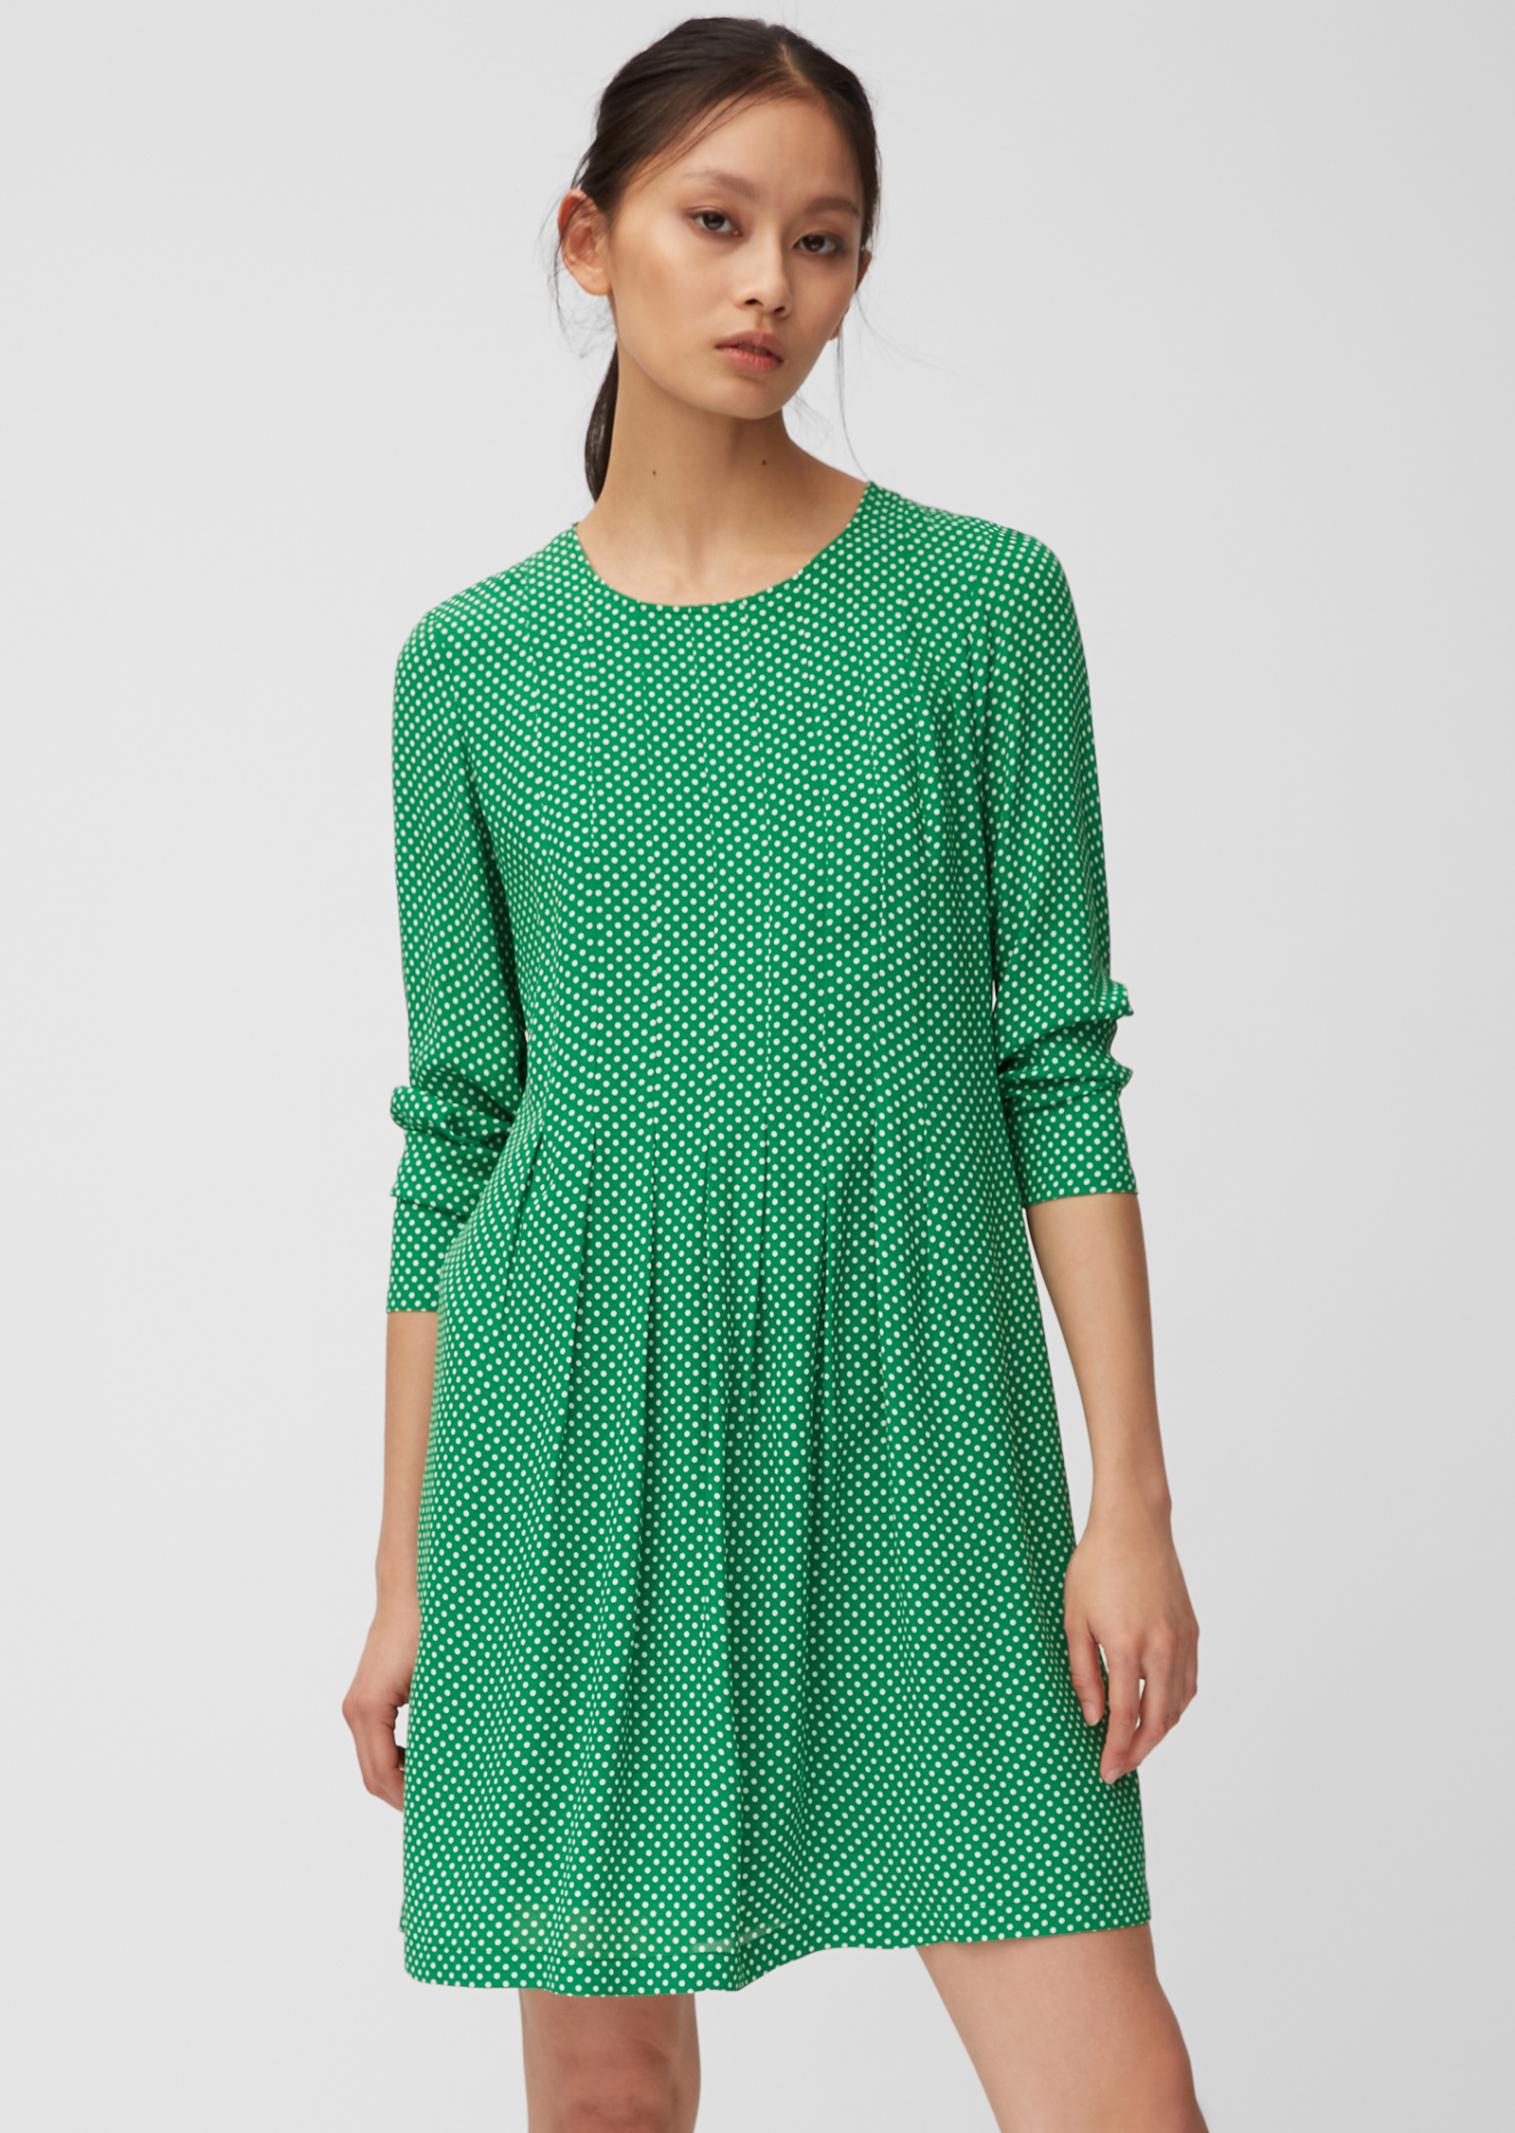 Сукня жіноча Marc O'Polo модель 002086521113-B21 - фото